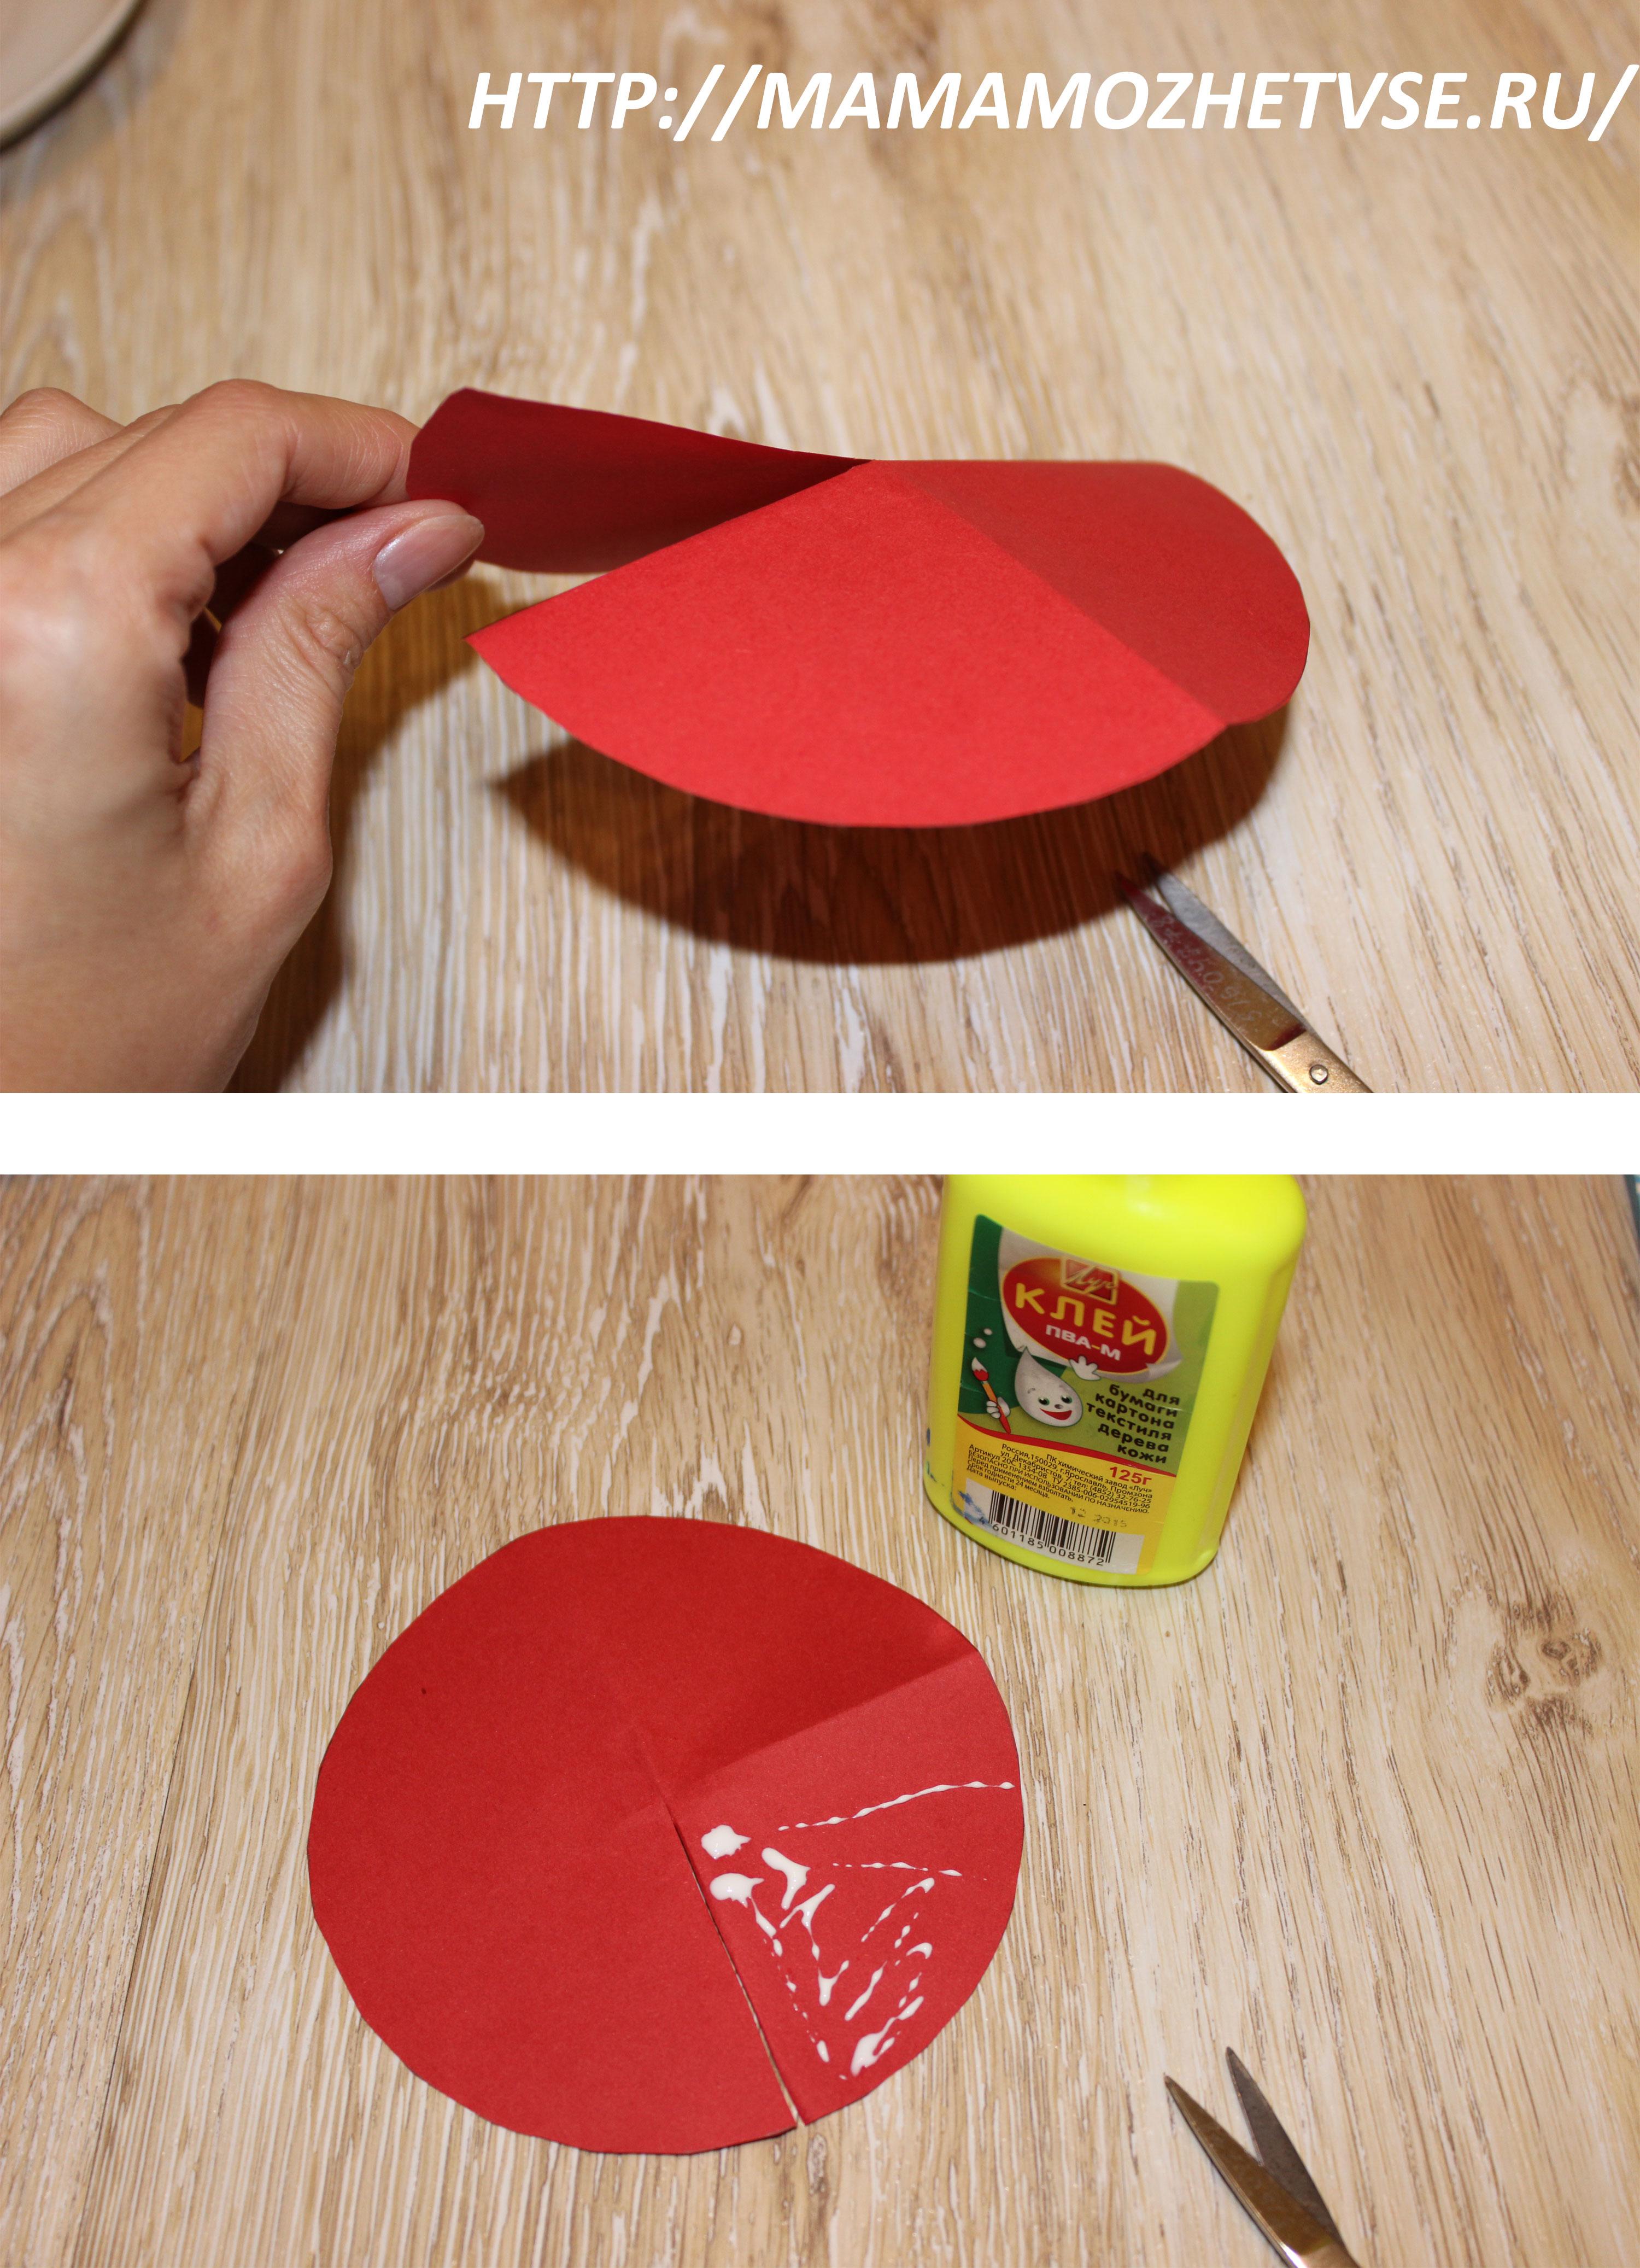 Как сделать шляпку гриба из бумаги для ребенка на голову